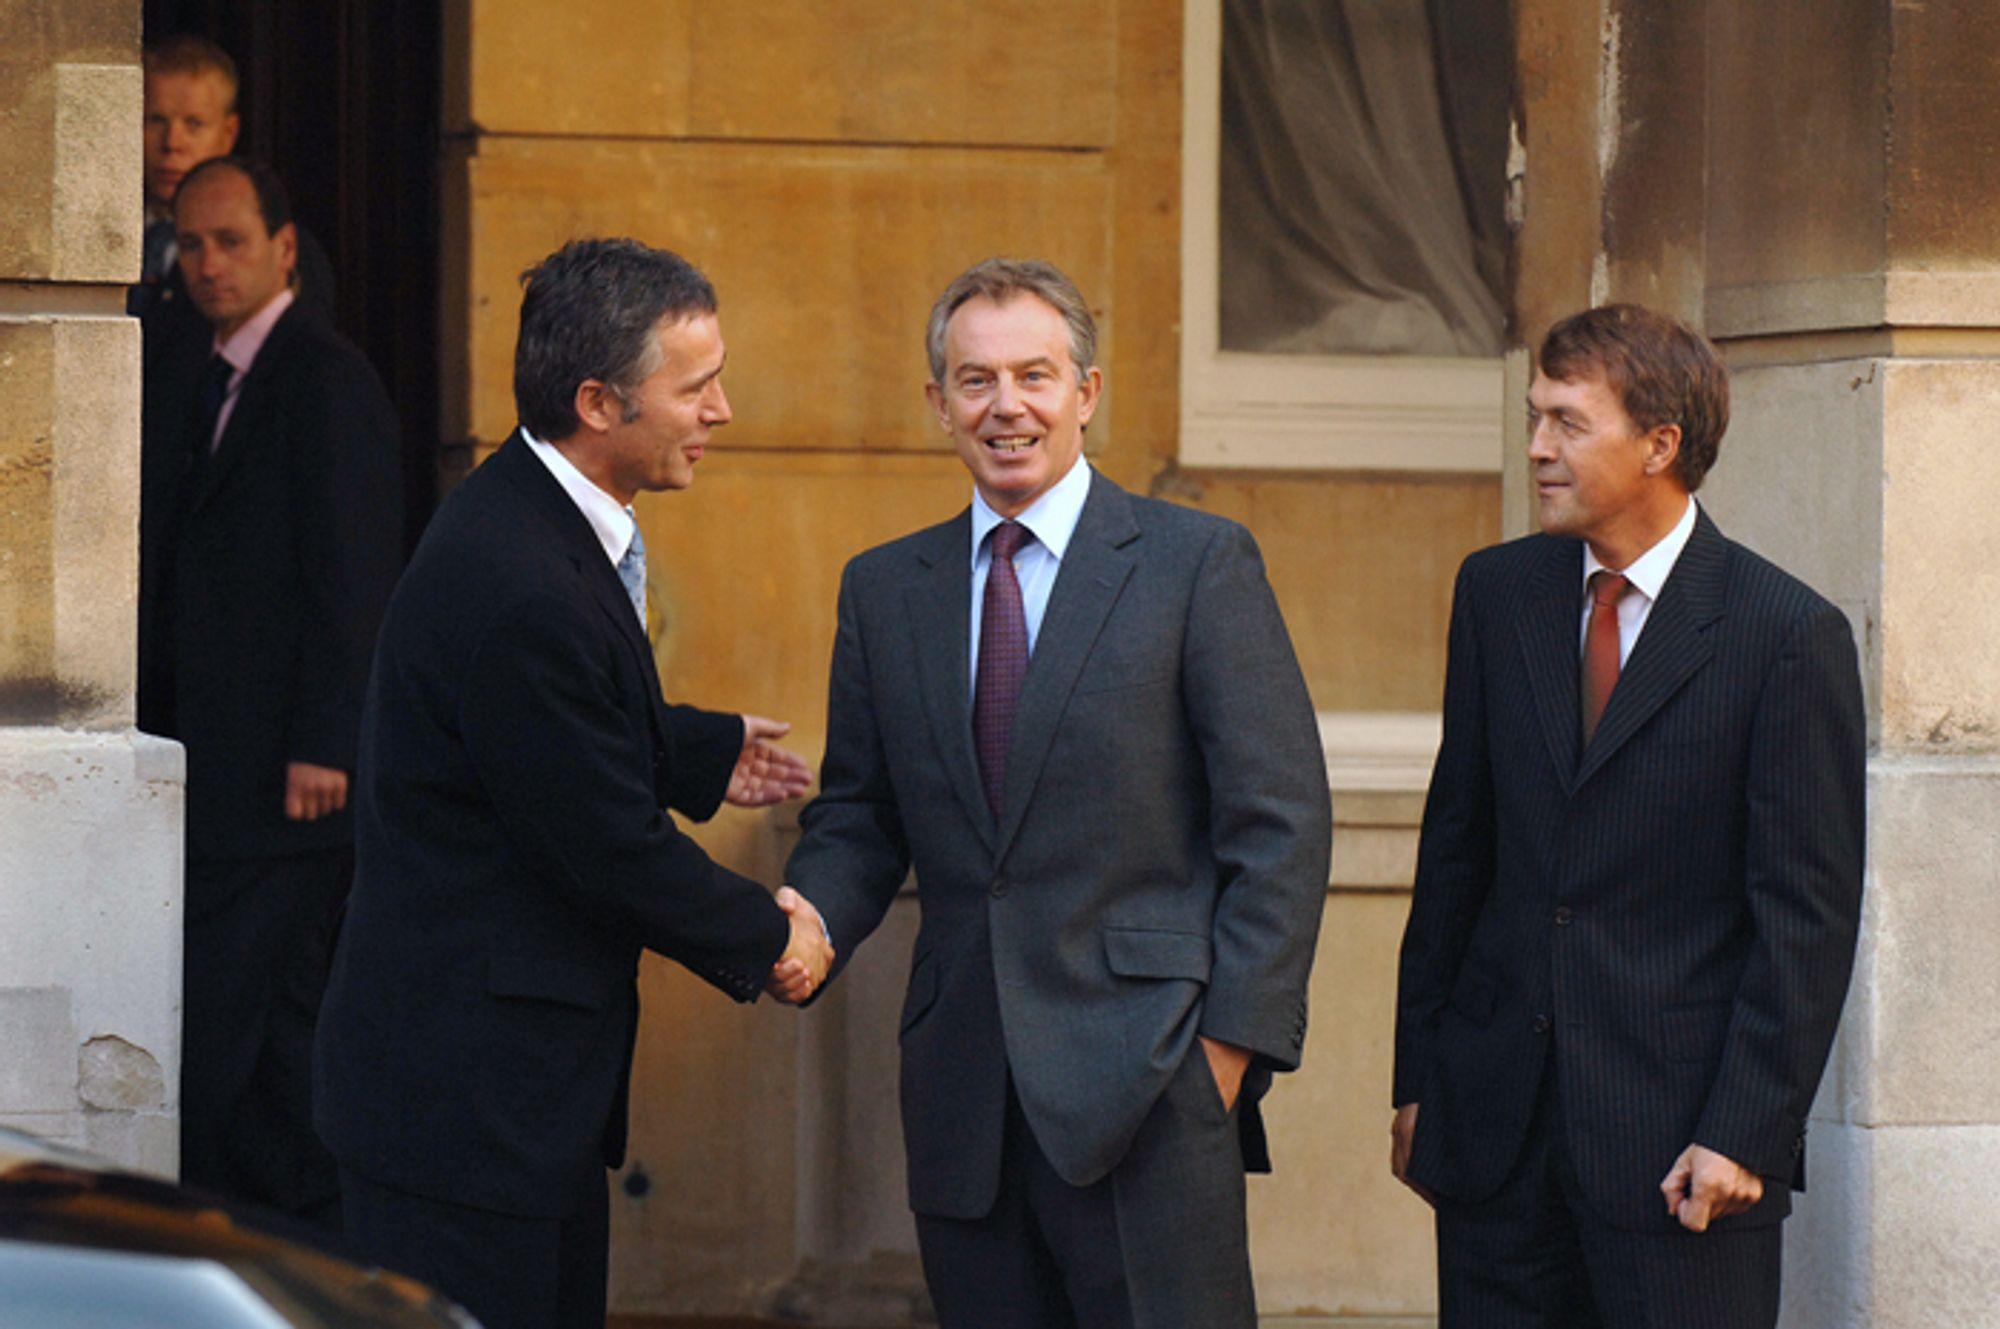 POSØR: Jens Stoltenberg og Tony Blair på vei inn til tedrikking og offisiell åpning av Langeled med Hydro-sjef Eivind Reiten i London 16. oktober 2006.